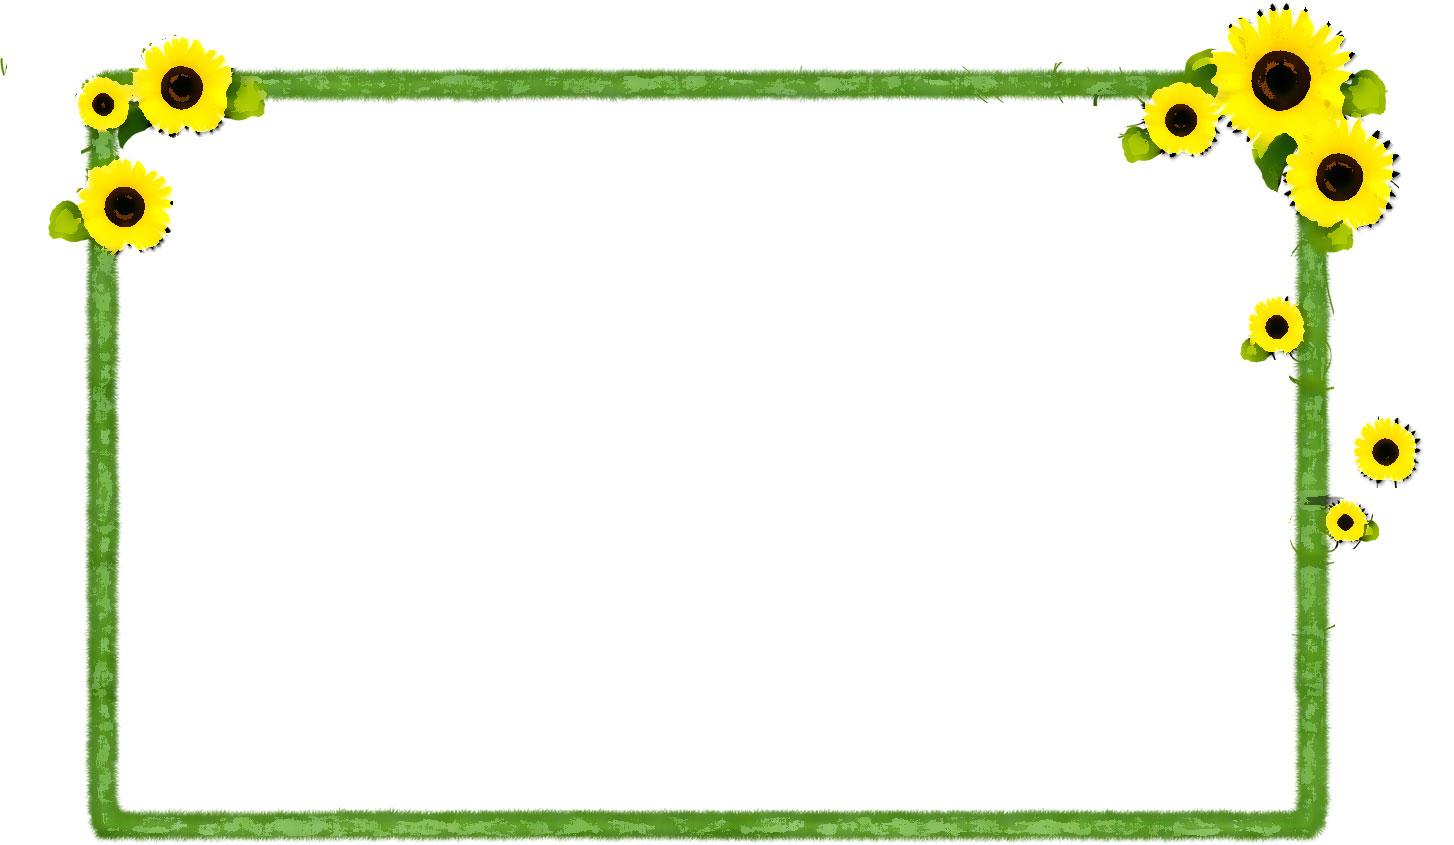 花のイラスト・フリー素材/フレーム枠no.512『ひまわり』